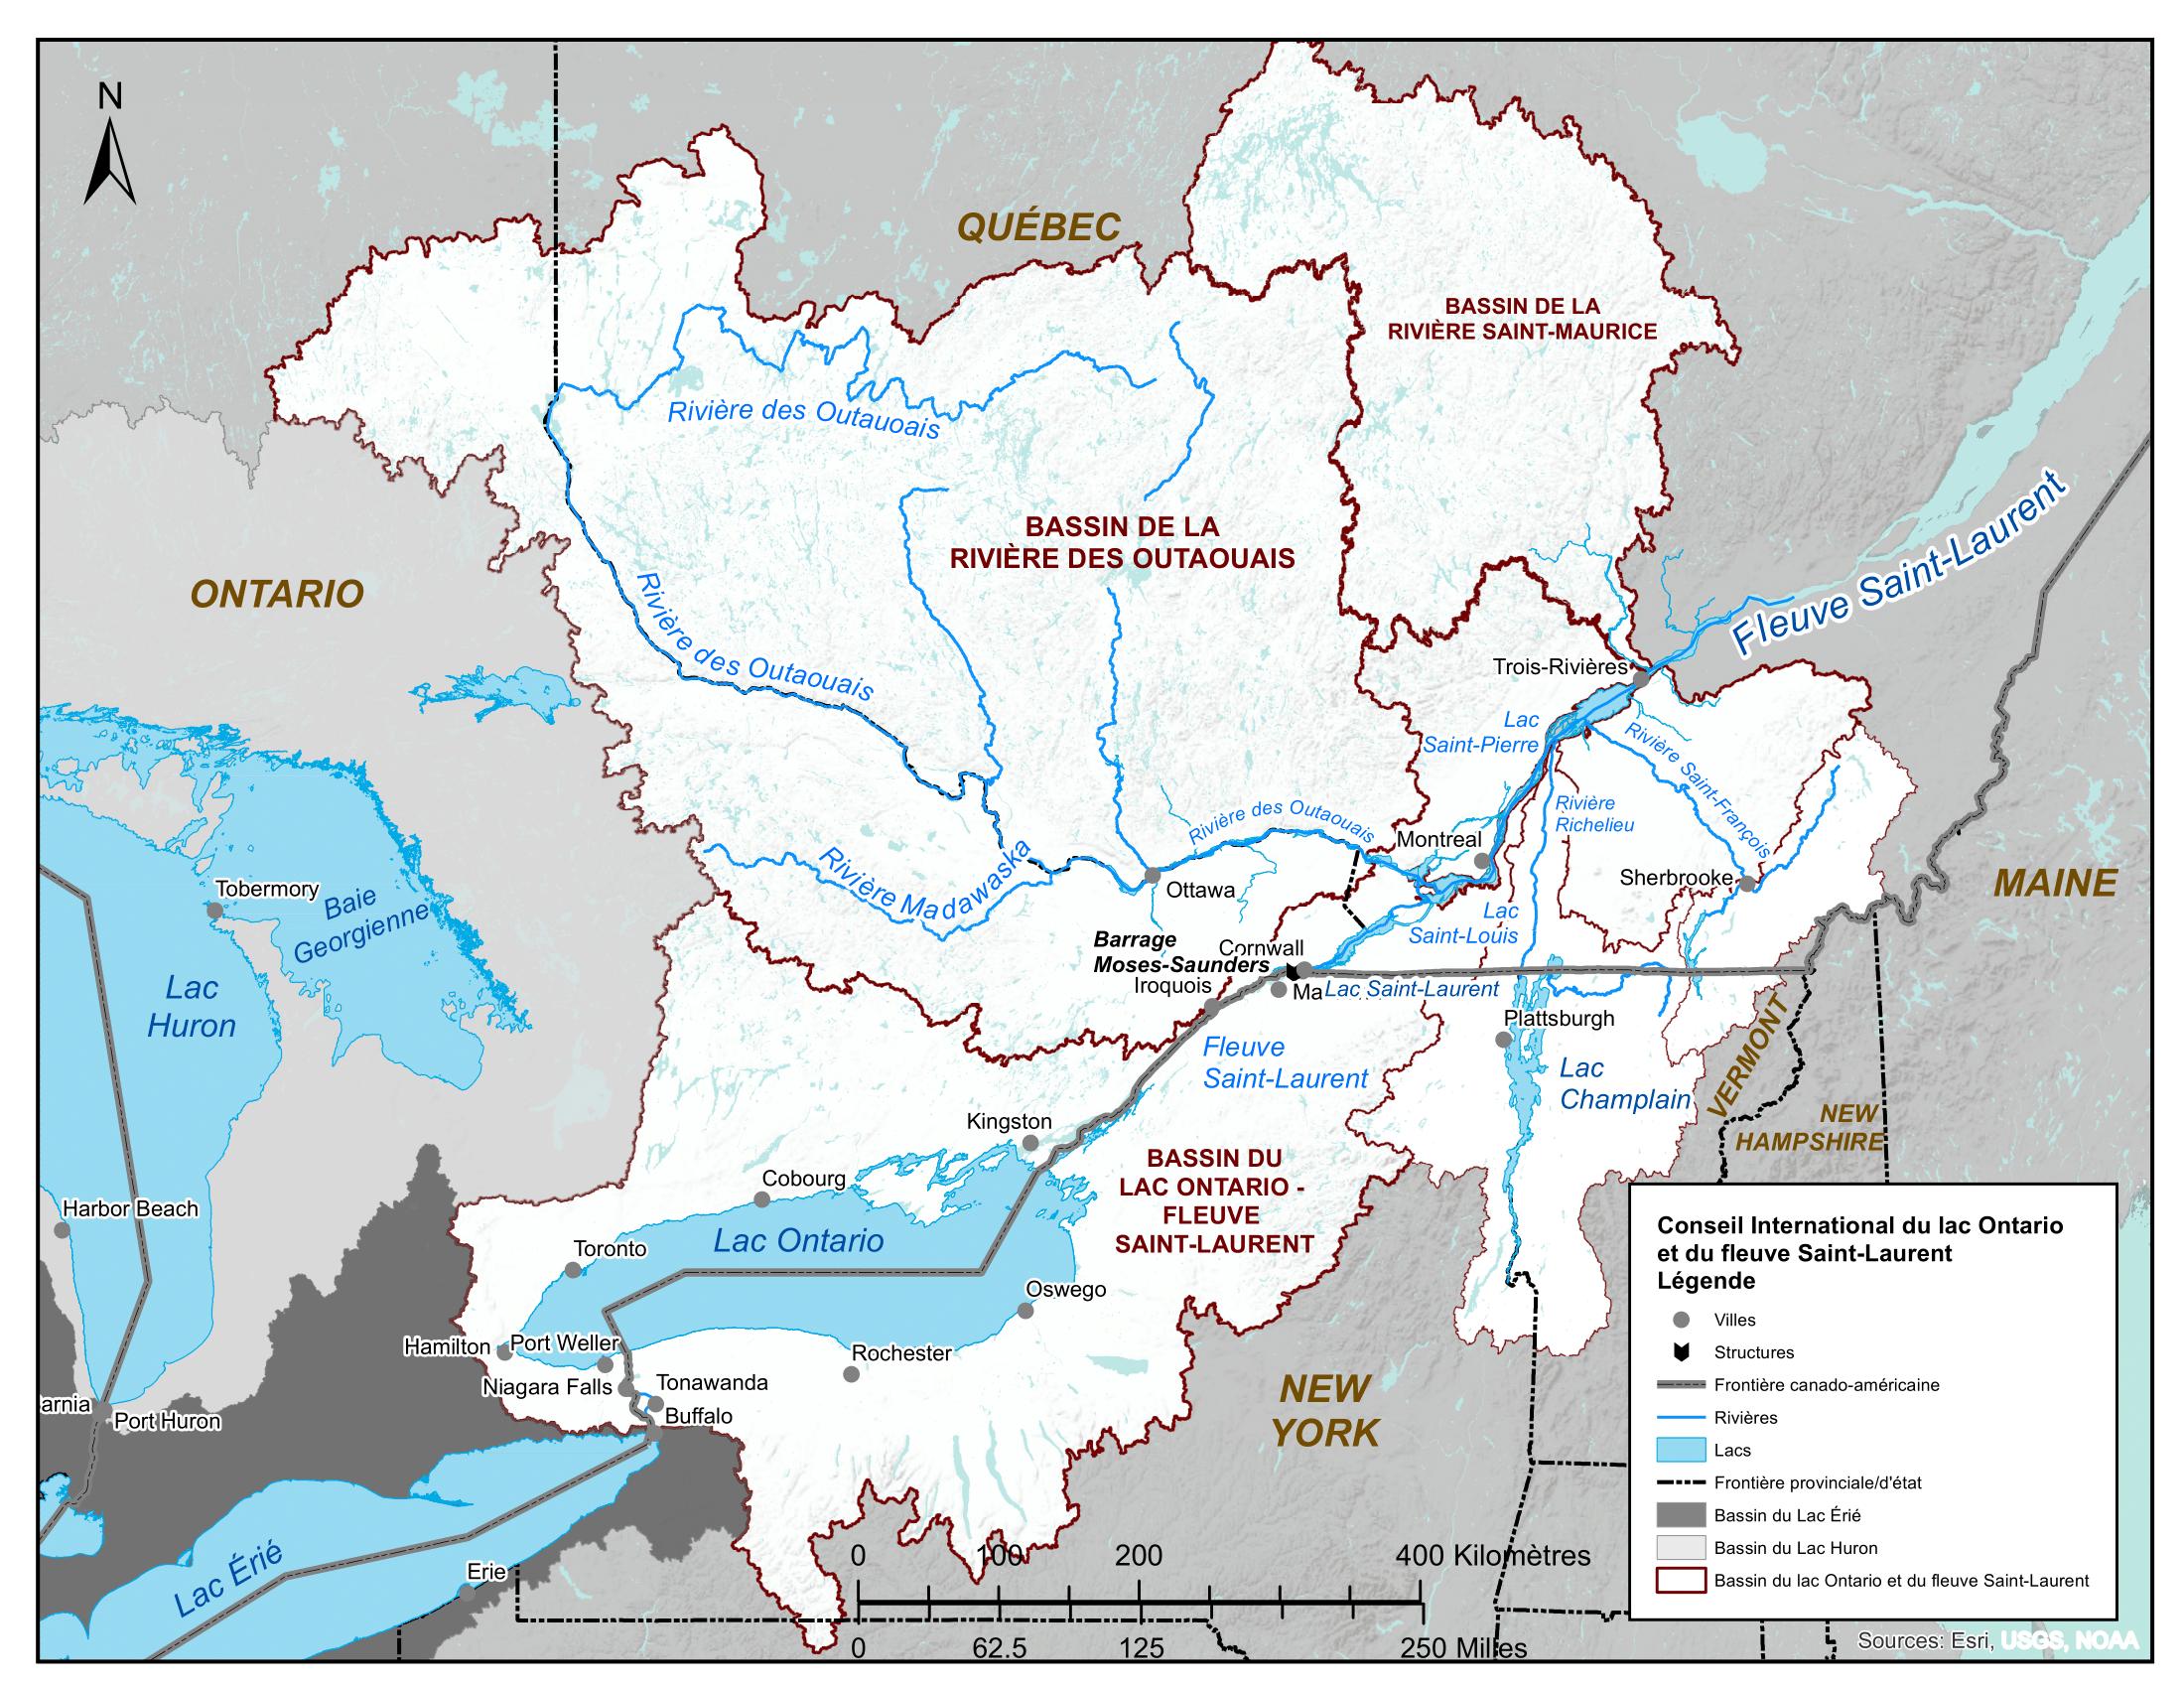 Carte du lac Ontario et du fleuve Saint-Laurent